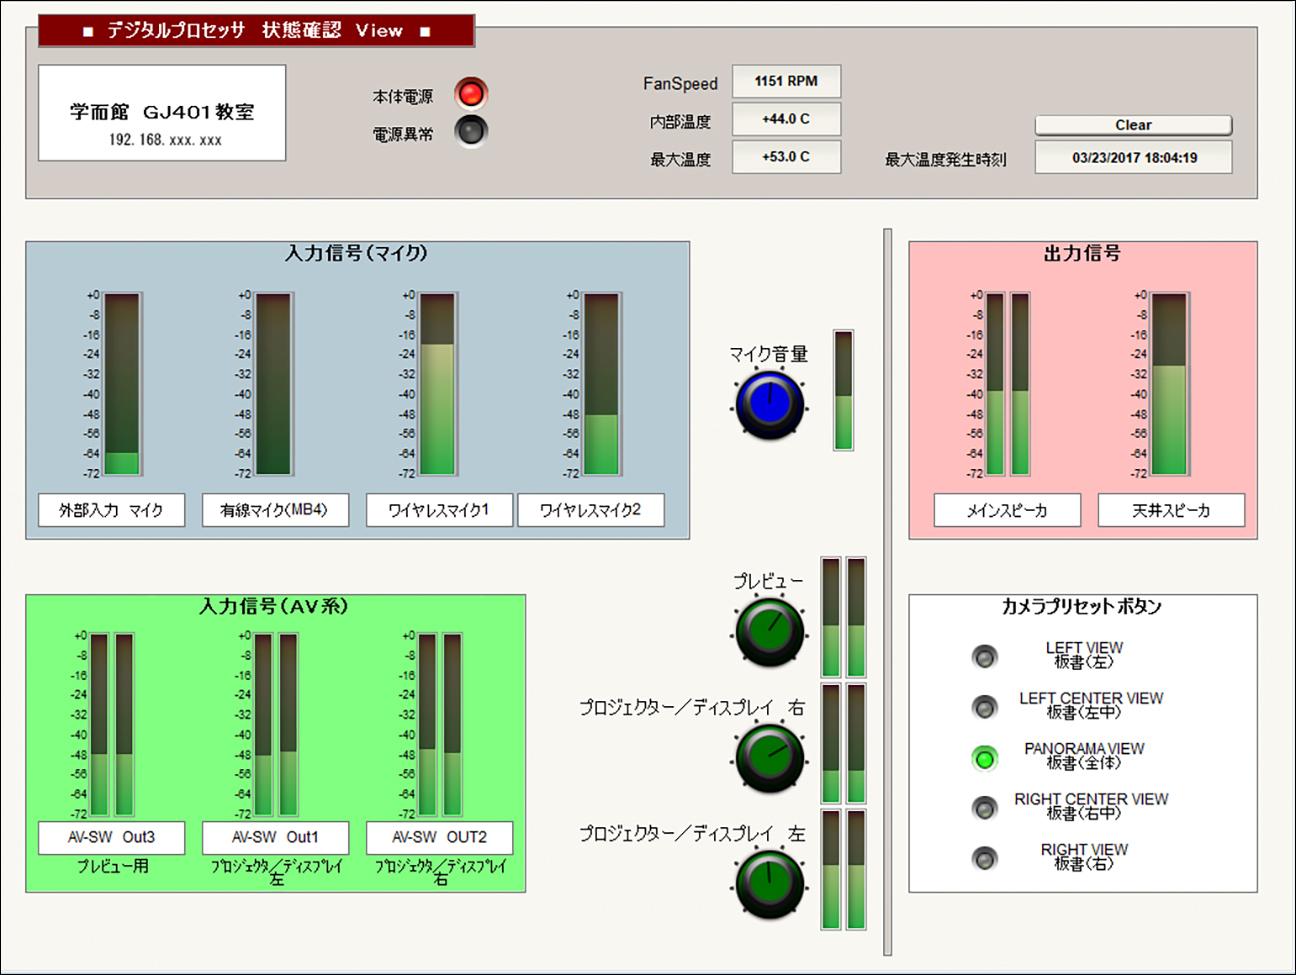 立命館大学 衣笠キャンパス 学而館のSymVue画面